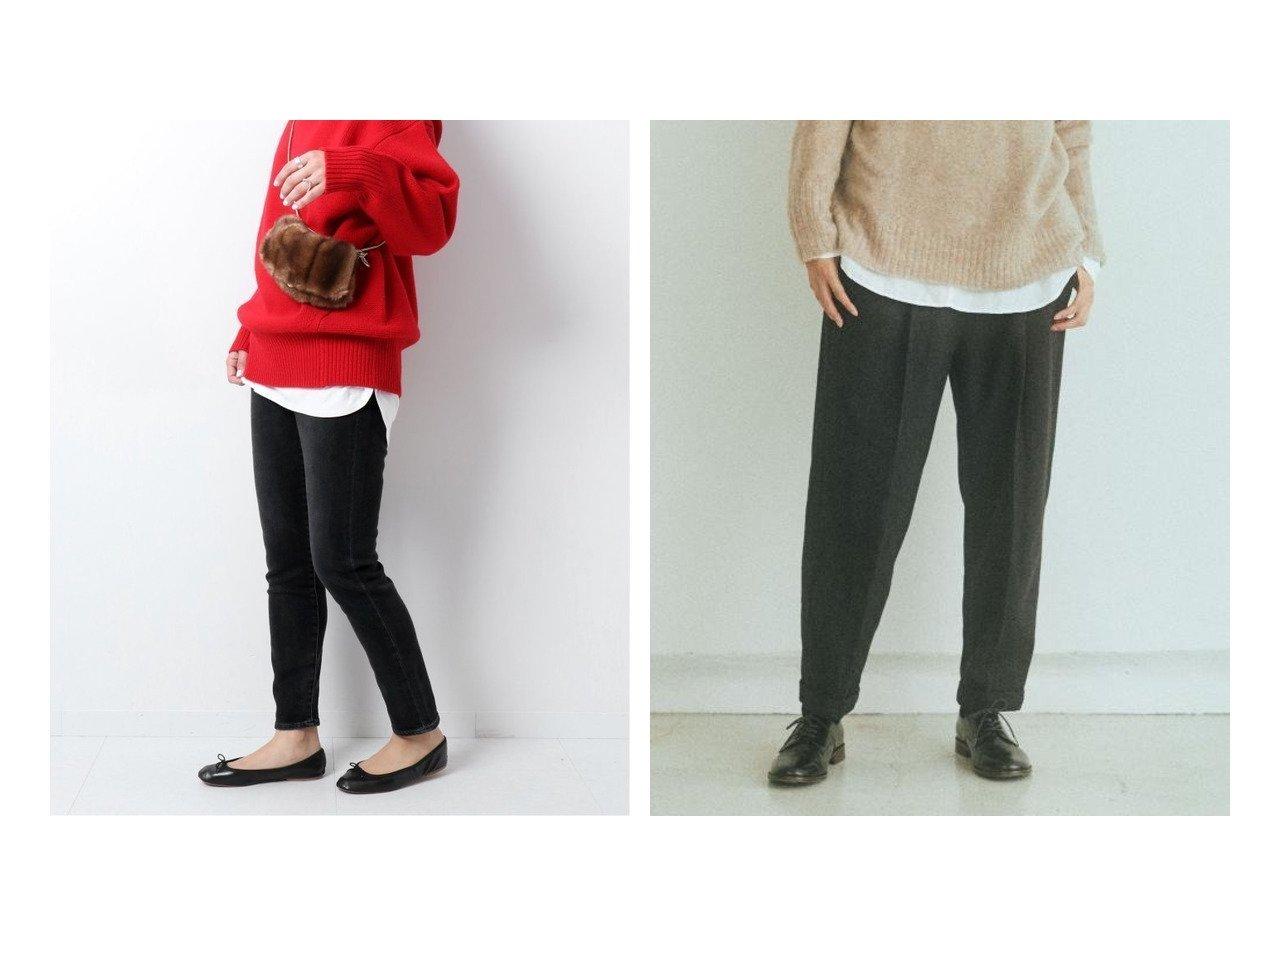 【URBAN RESEARCH DOORS/アーバンリサーチ ドアーズ】のsiiwa ヘリンボーンフラノタックイージーパンツ&【Spick & Span/スピック&スパン】の【RED CARD】Anniversary Highrise パンツのおすすめ!人気、トレンド・レディースファッションの通販 おすすめで人気の流行・トレンド、ファッションの通販商品 メンズファッション・キッズファッション・インテリア・家具・レディースファッション・服の通販 founy(ファニー) https://founy.com/ ファッション Fashion レディースファッション WOMEN パンツ Pants デニムパンツ Denim Pants 2021年 2021 2021 春夏 S/S SS Spring/Summer 2021 S/S 春夏 SS Spring/Summer スキニーデニム ストレッチ デニム 再入荷 Restock/Back in Stock/Re Arrival 定番 ウォーム センター ダブル ヘリンボーン ポケット リラックス ワイド  ID:crp329100000009422